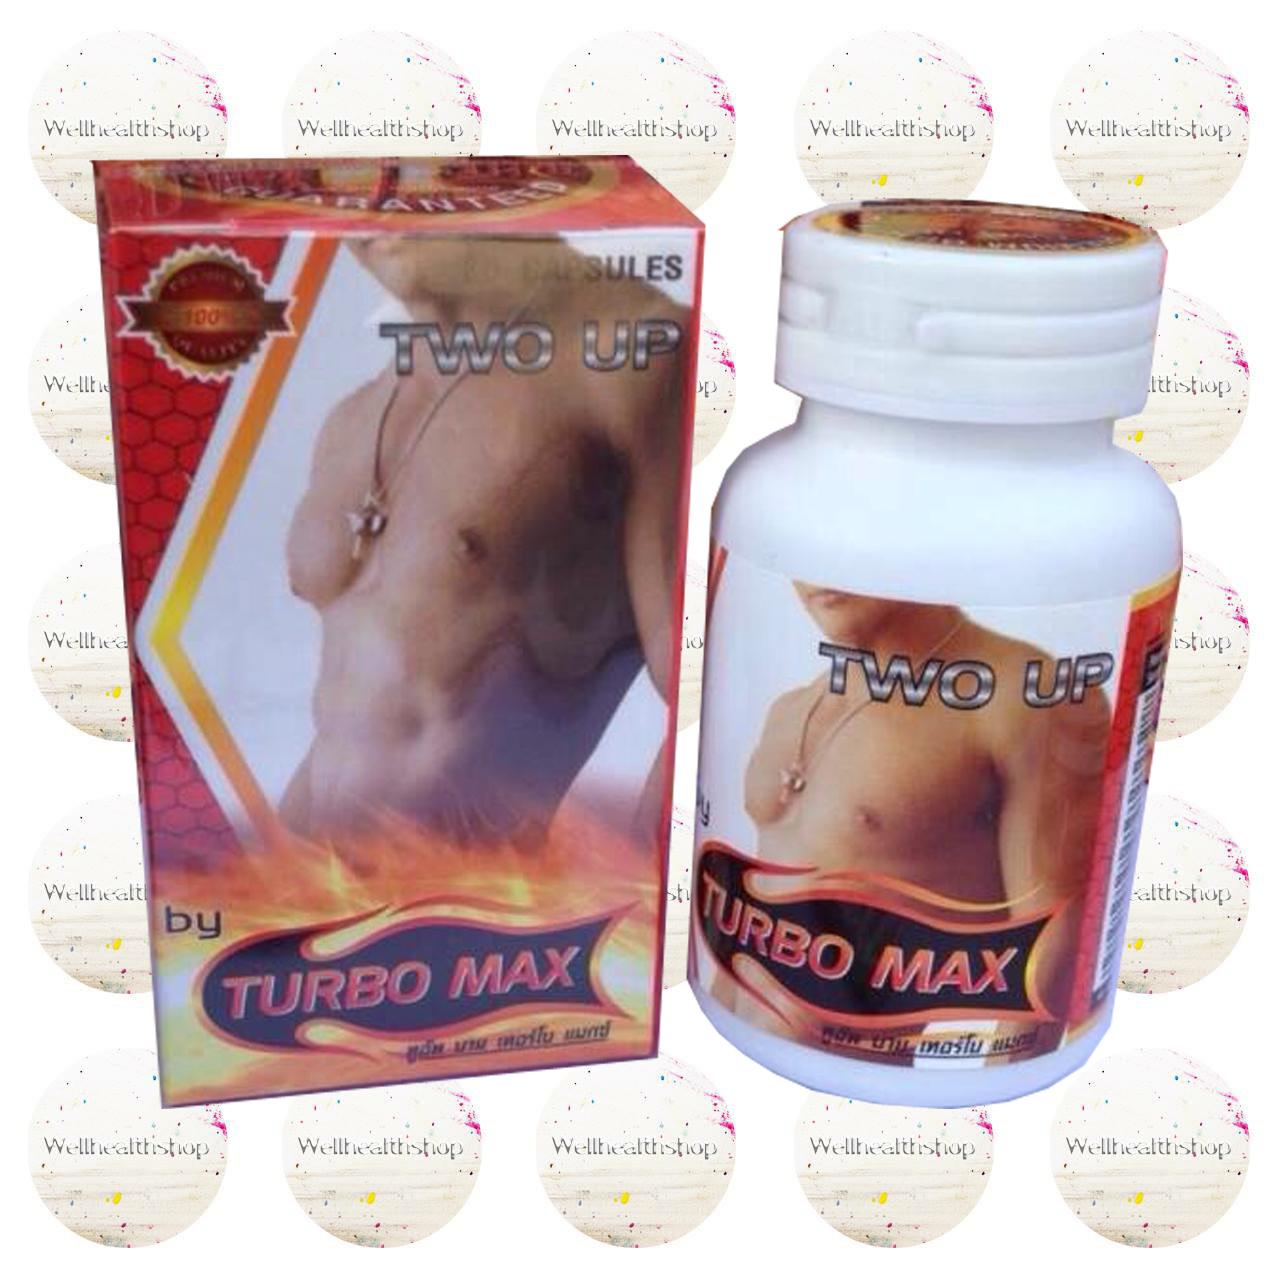 Turbo max เทอร์โบ แม็กซ์ ใหญ่ ยาว อึด แข็งแรง